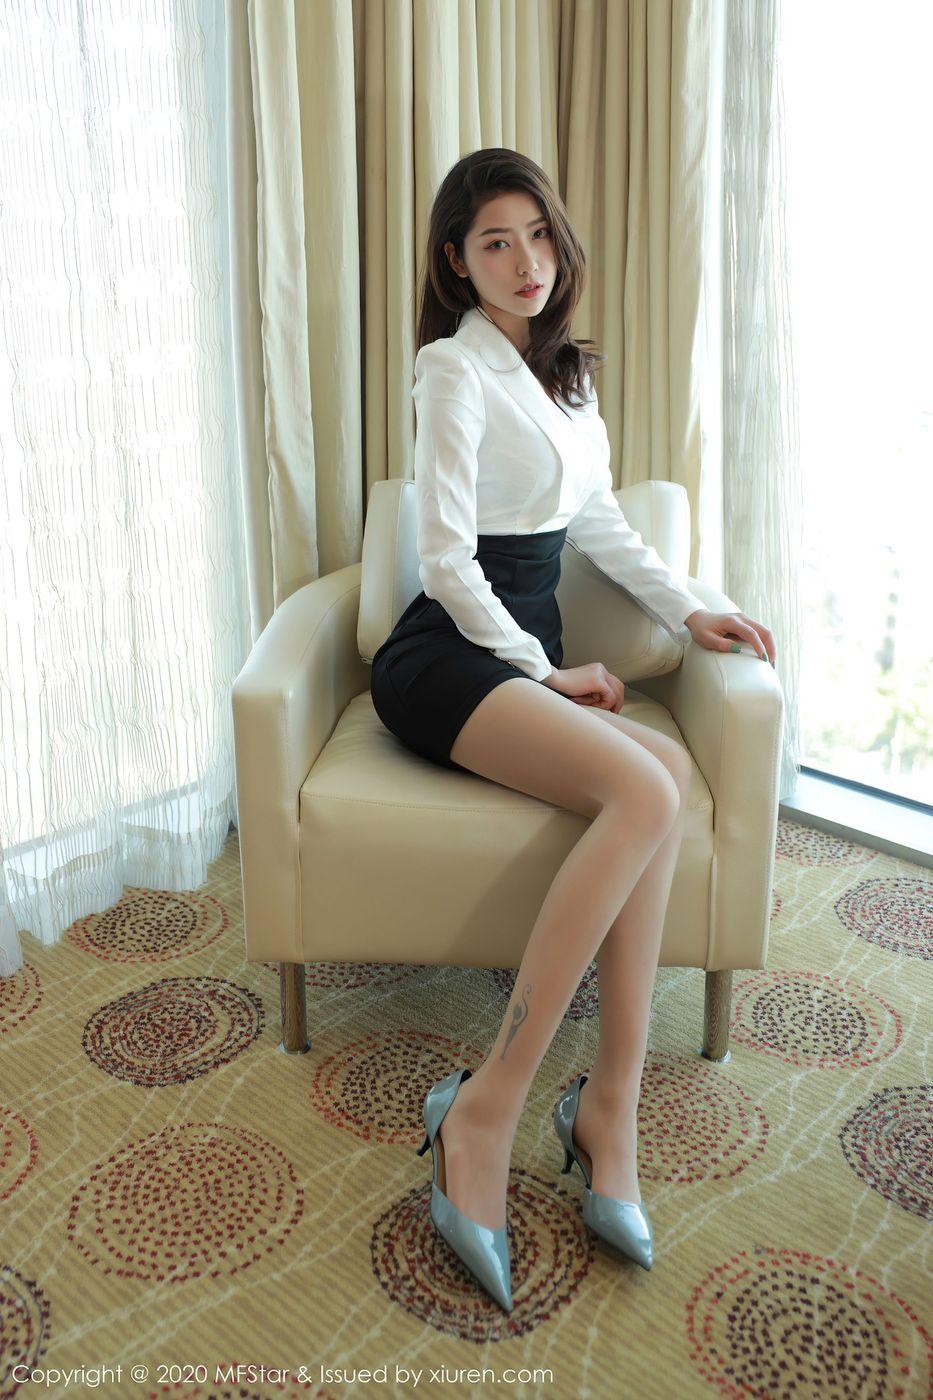 Vol.594 丝袜美腿职场OL翘臀超短裙美女模特模范学院-方子萱完整私房照合集